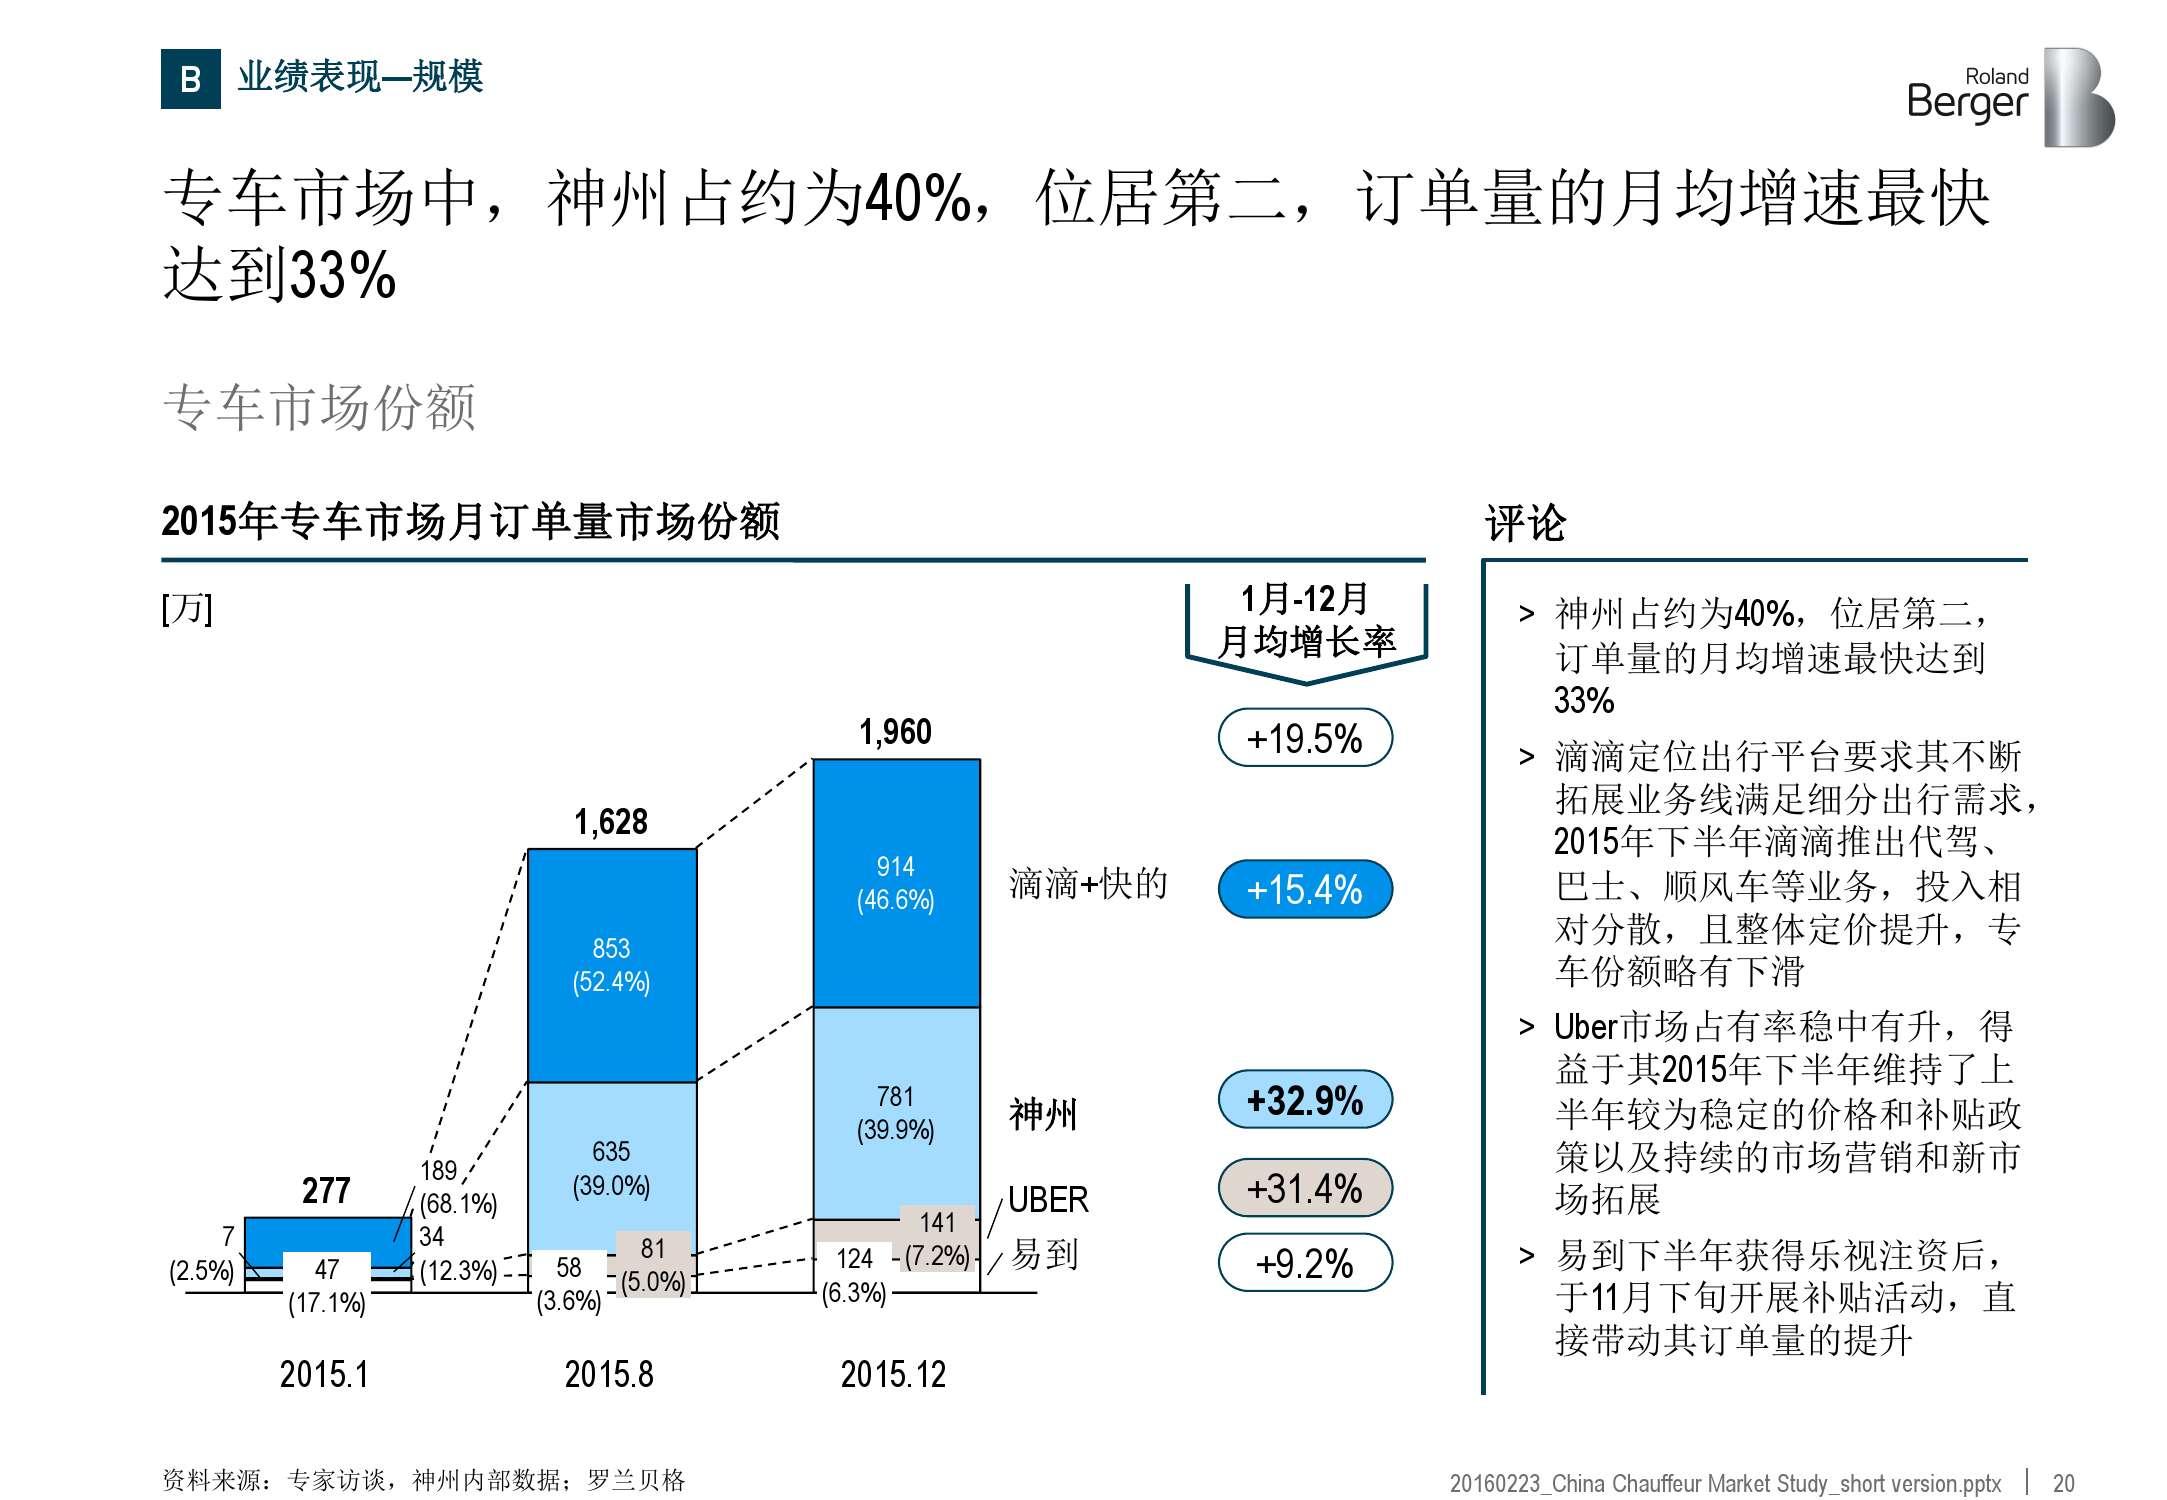 2016年中国专车市场分析报告_000020